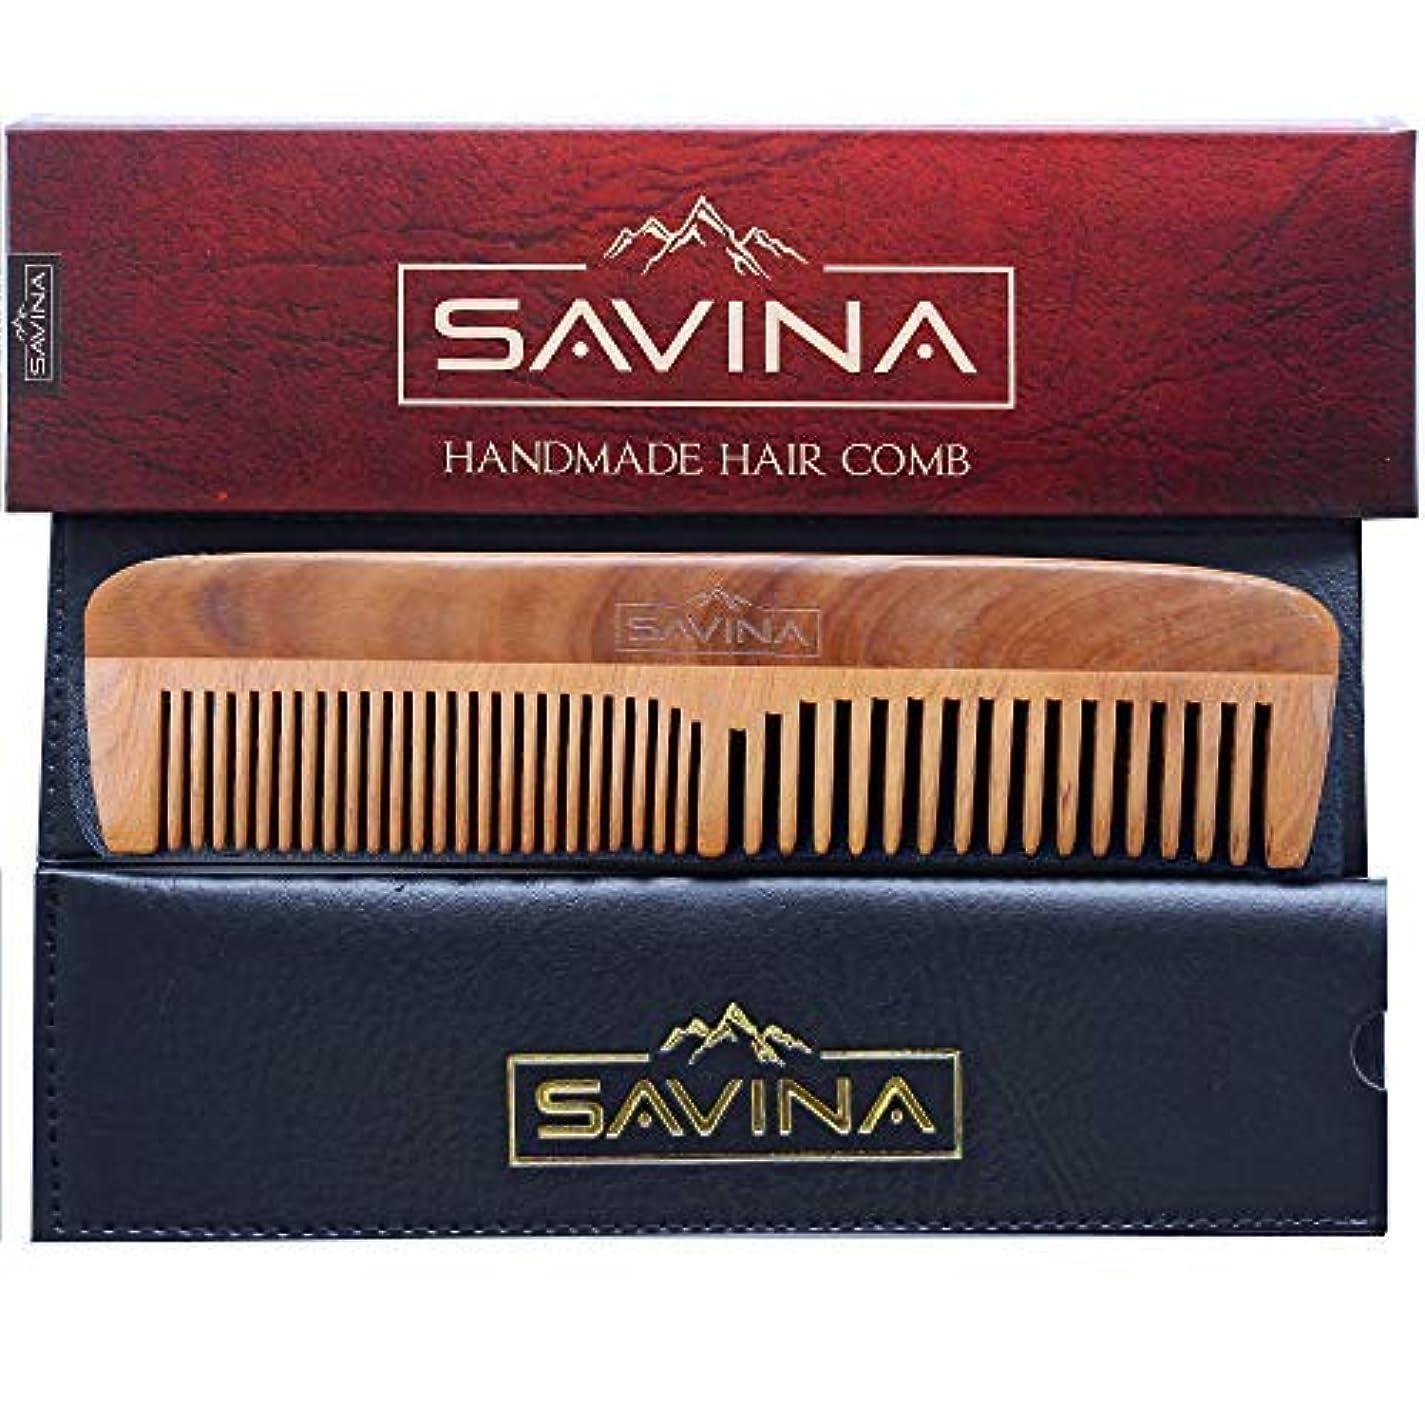 レイア笑プレゼンComb For Men - Hair and Beard Comb with Fine and Medium Tooth | Anti Static, No Snag | Pocket Wooden Comb for...